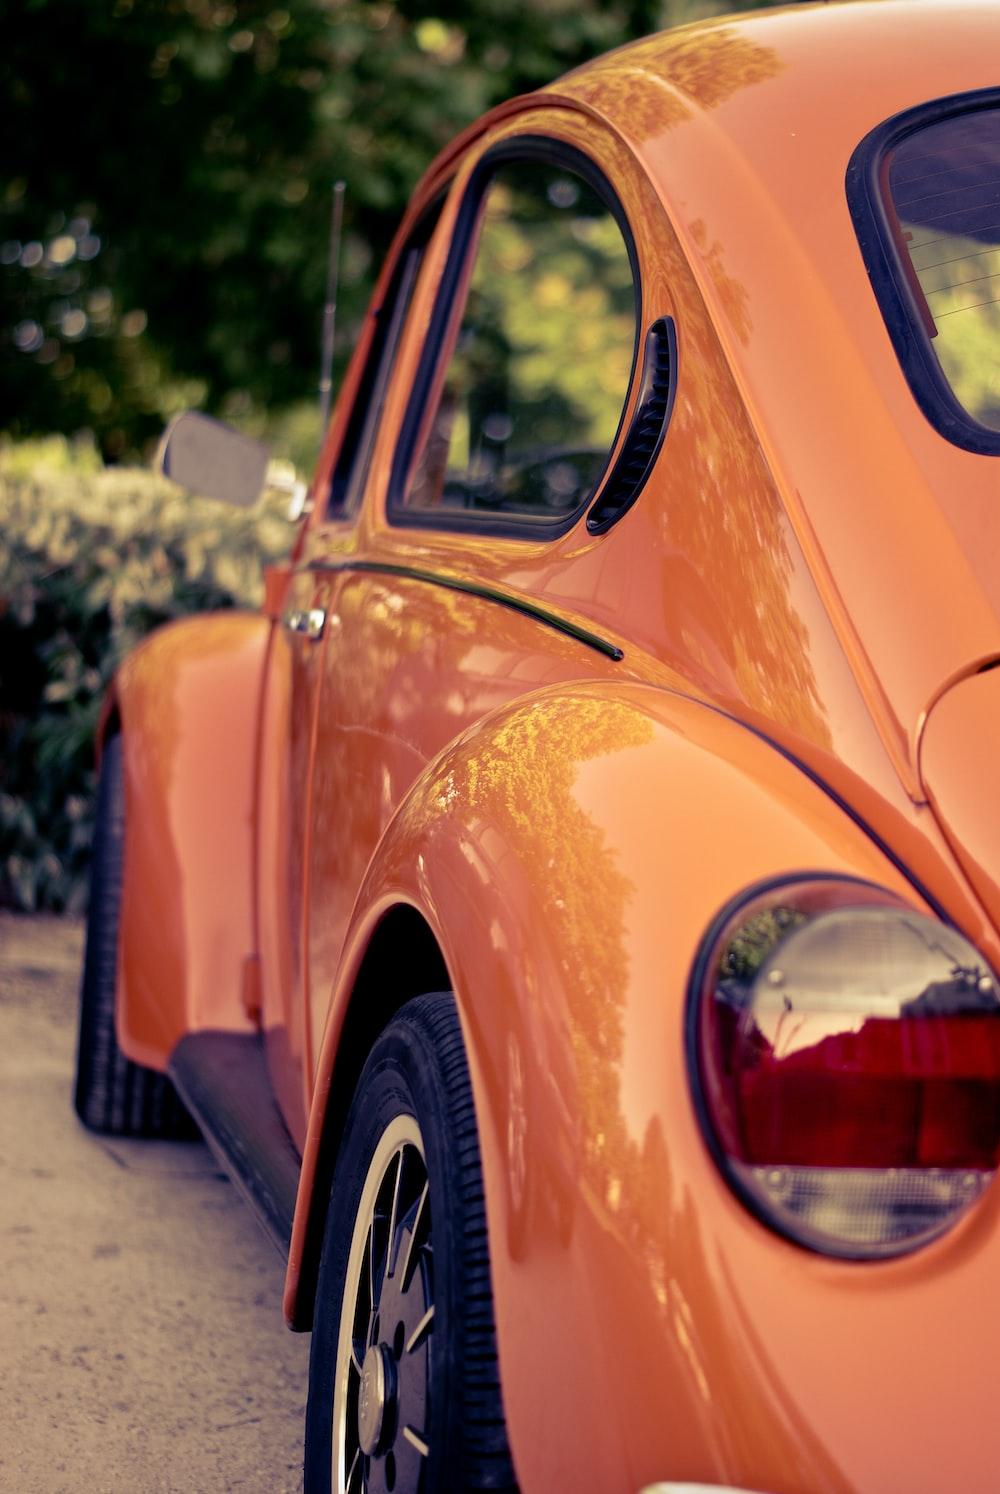 orange Volkswagen Beetle